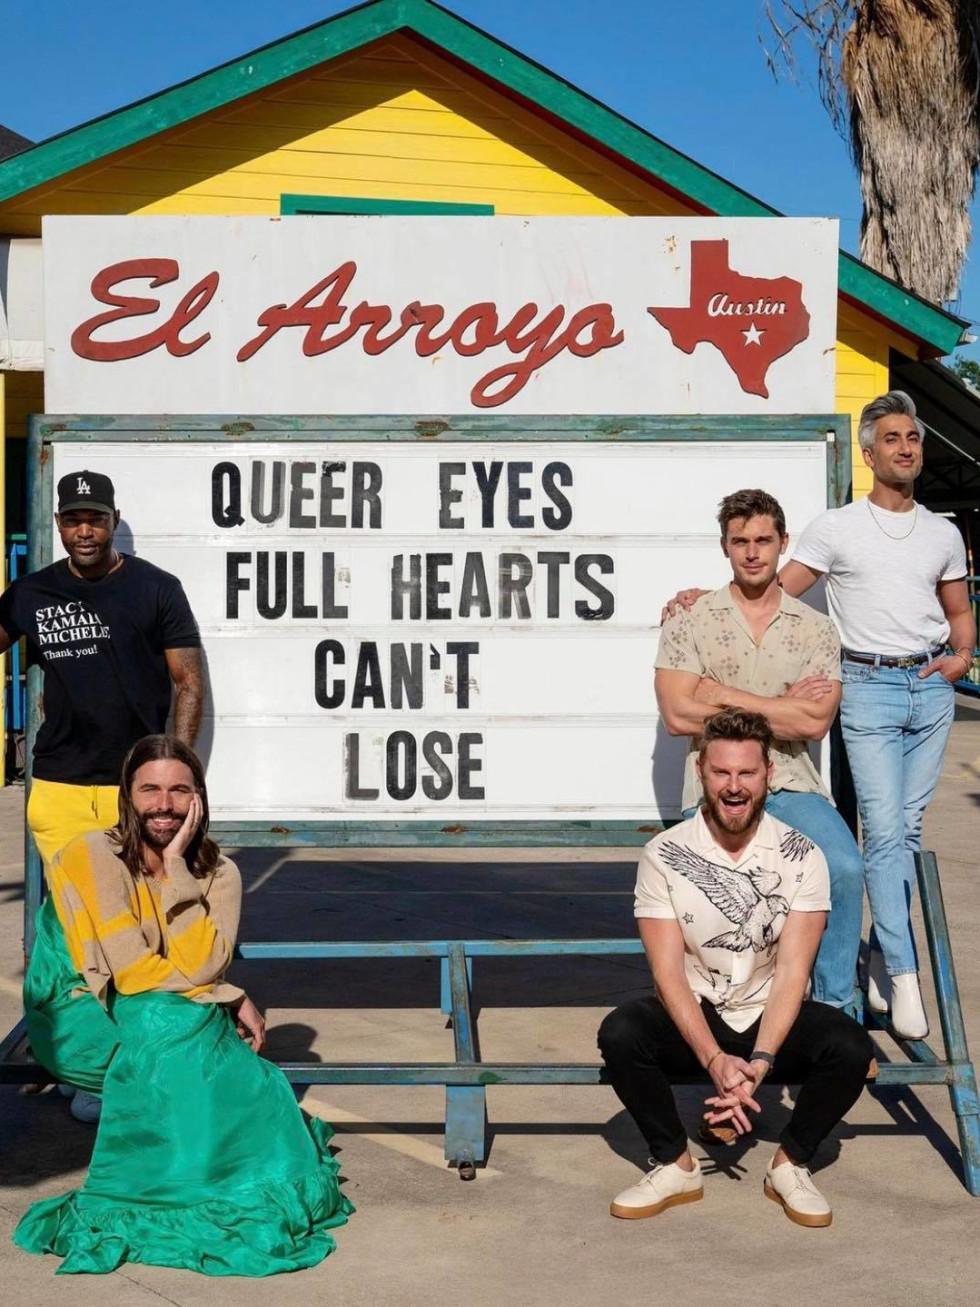 Queer Eye in Austin